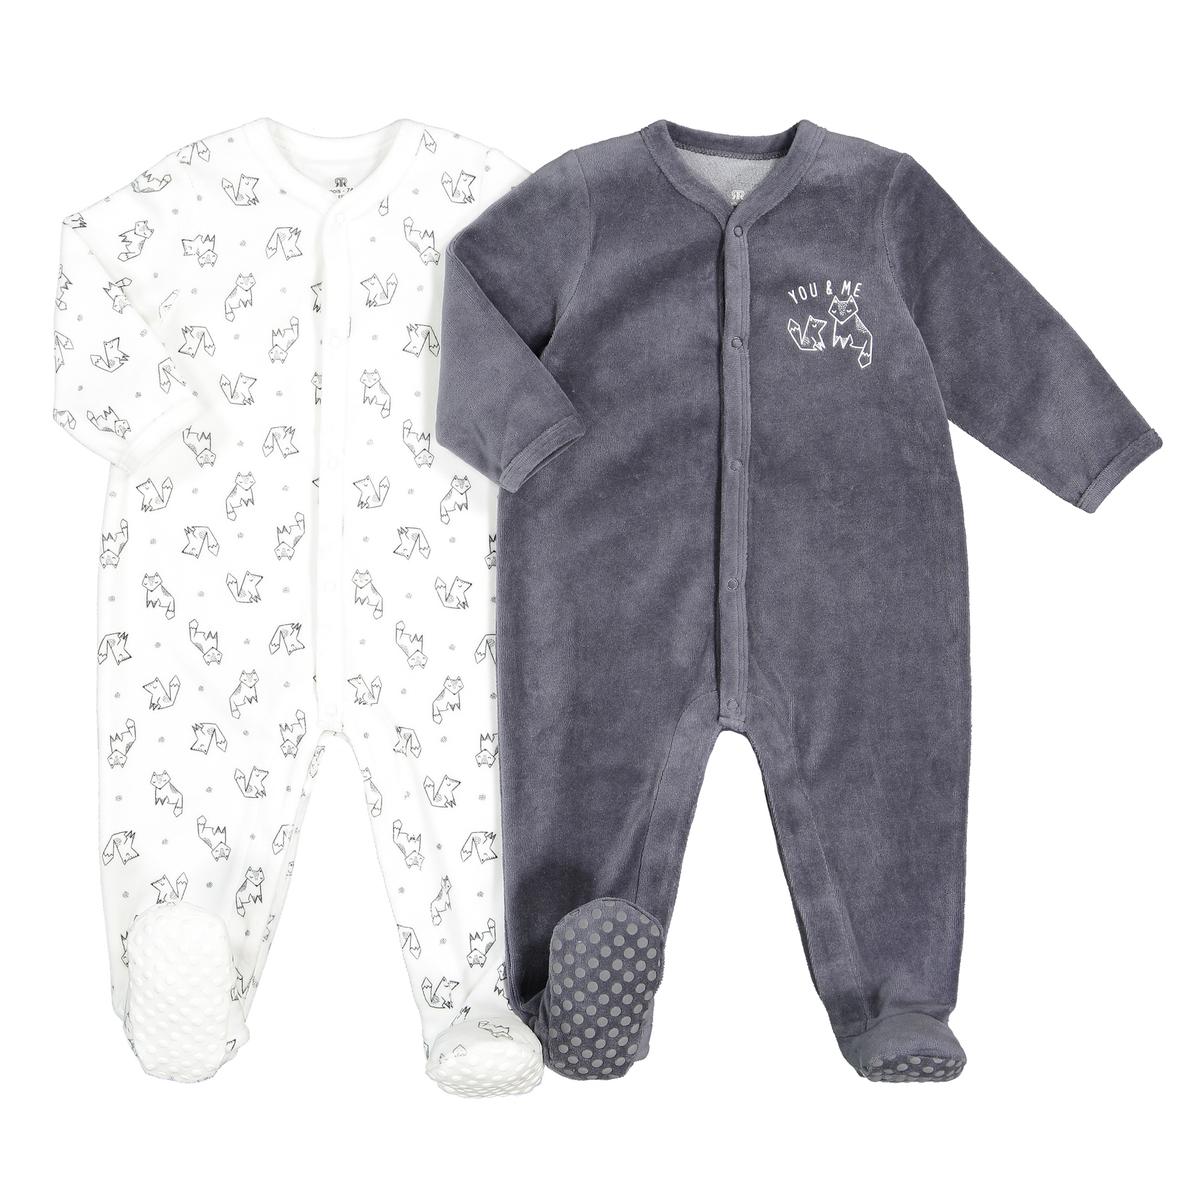 Пижамы La Redoute Из велюра для новорожденных мес - года рожденные раньше срока 45 см серый